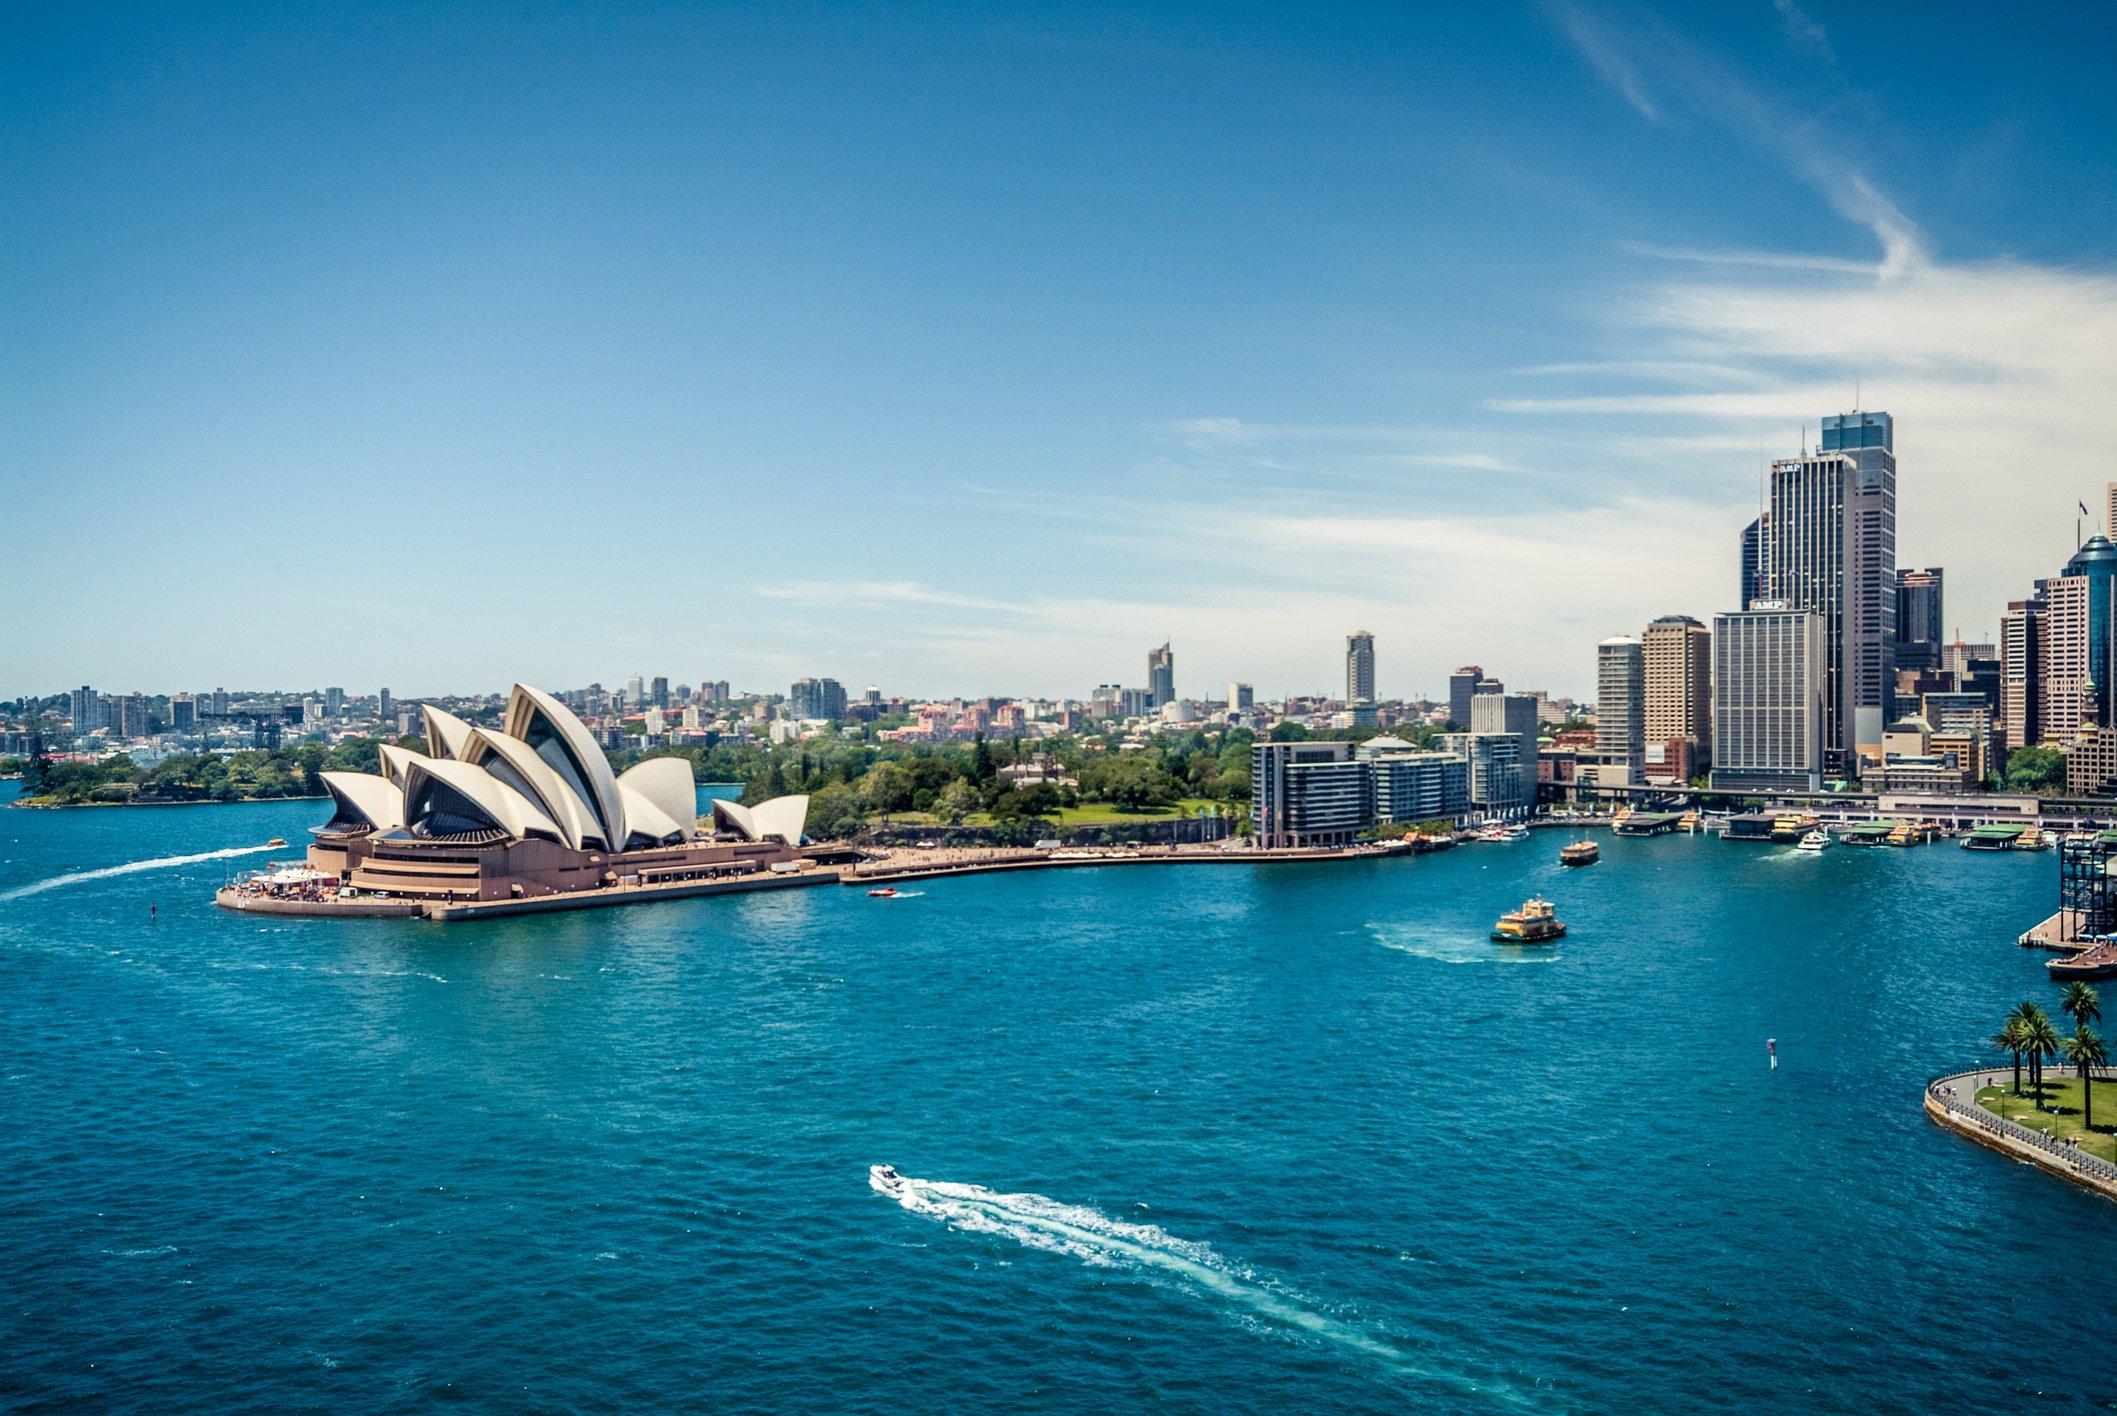 Vista aérea de Sídney, Australia, con Opera House y mar